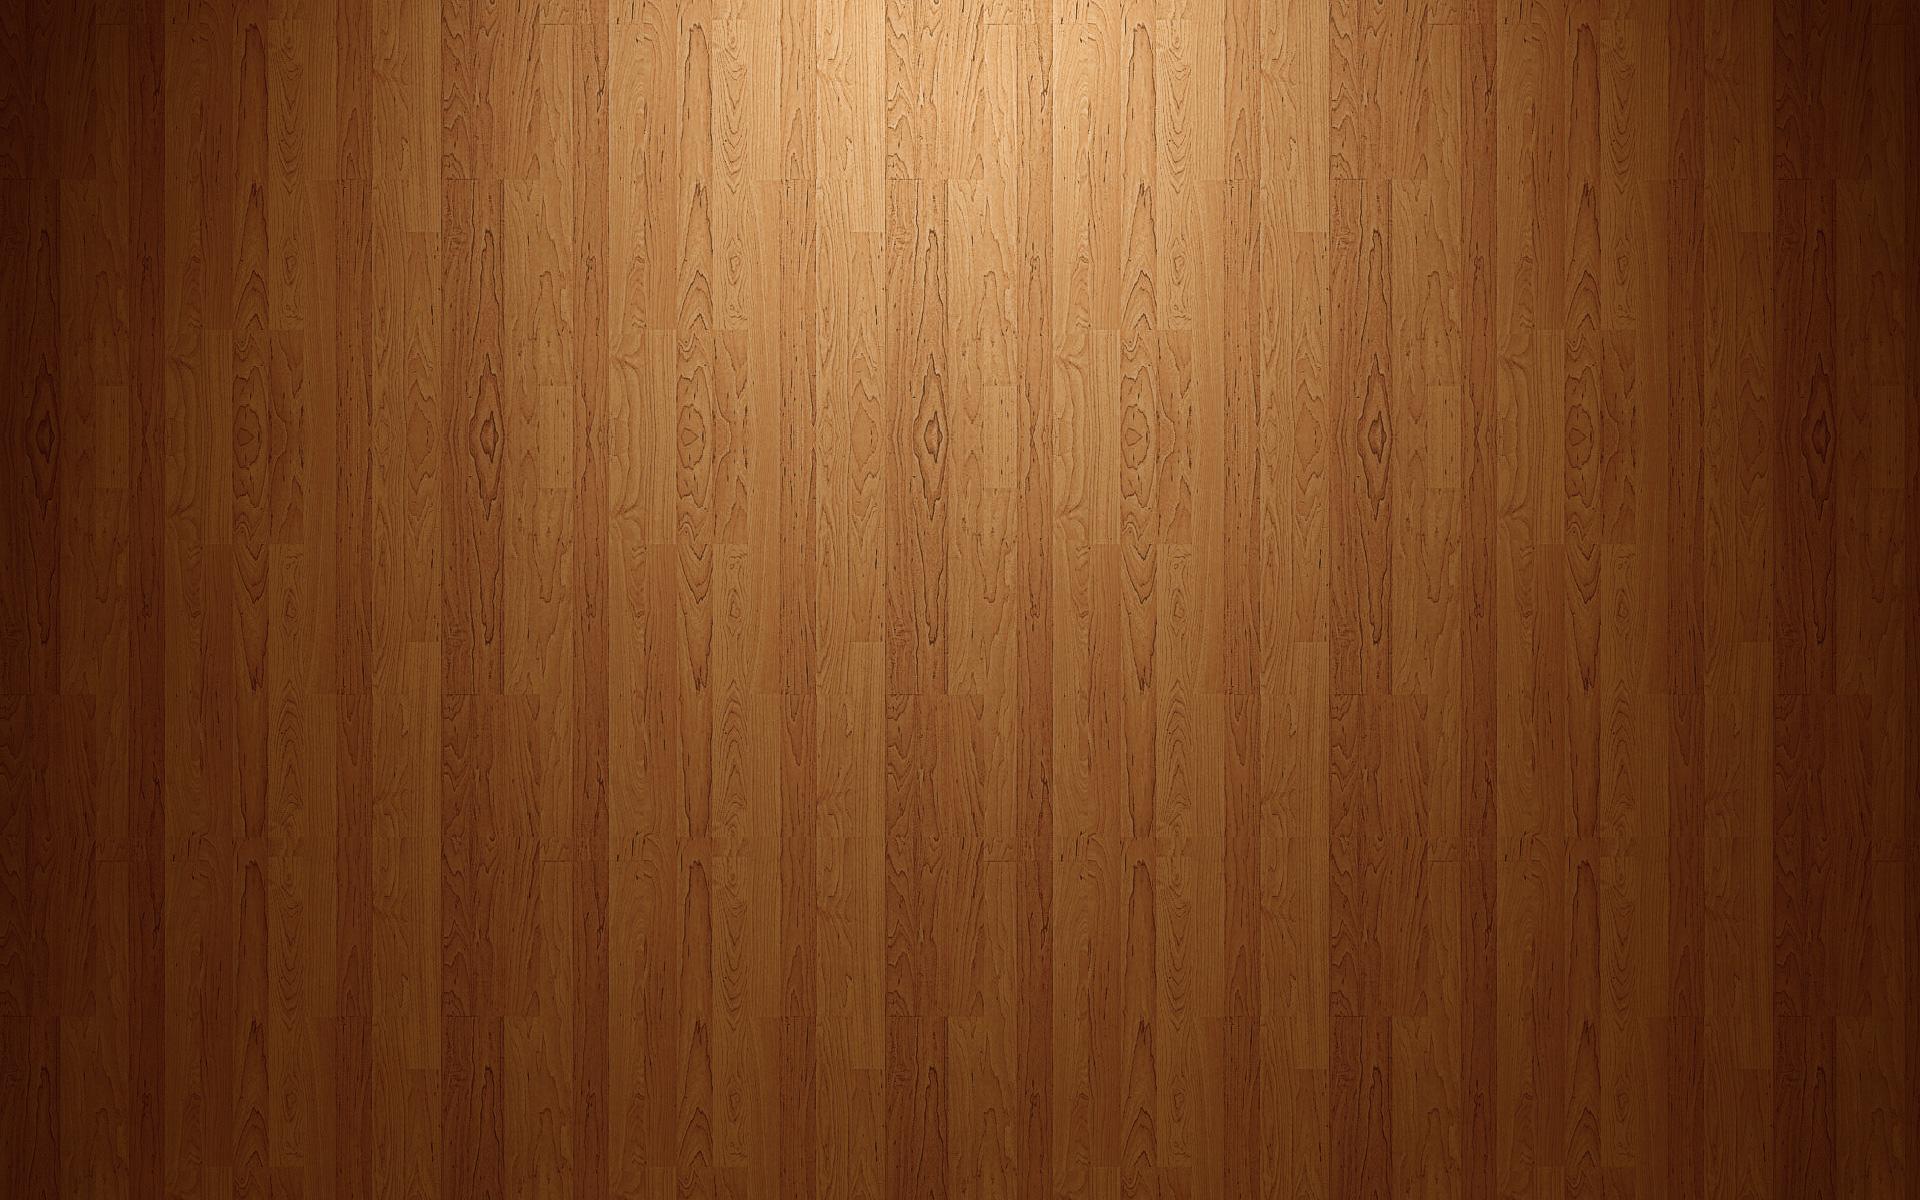 wallpapers flooring hardwood kitchen wallpaper addetails floor 1920x1200